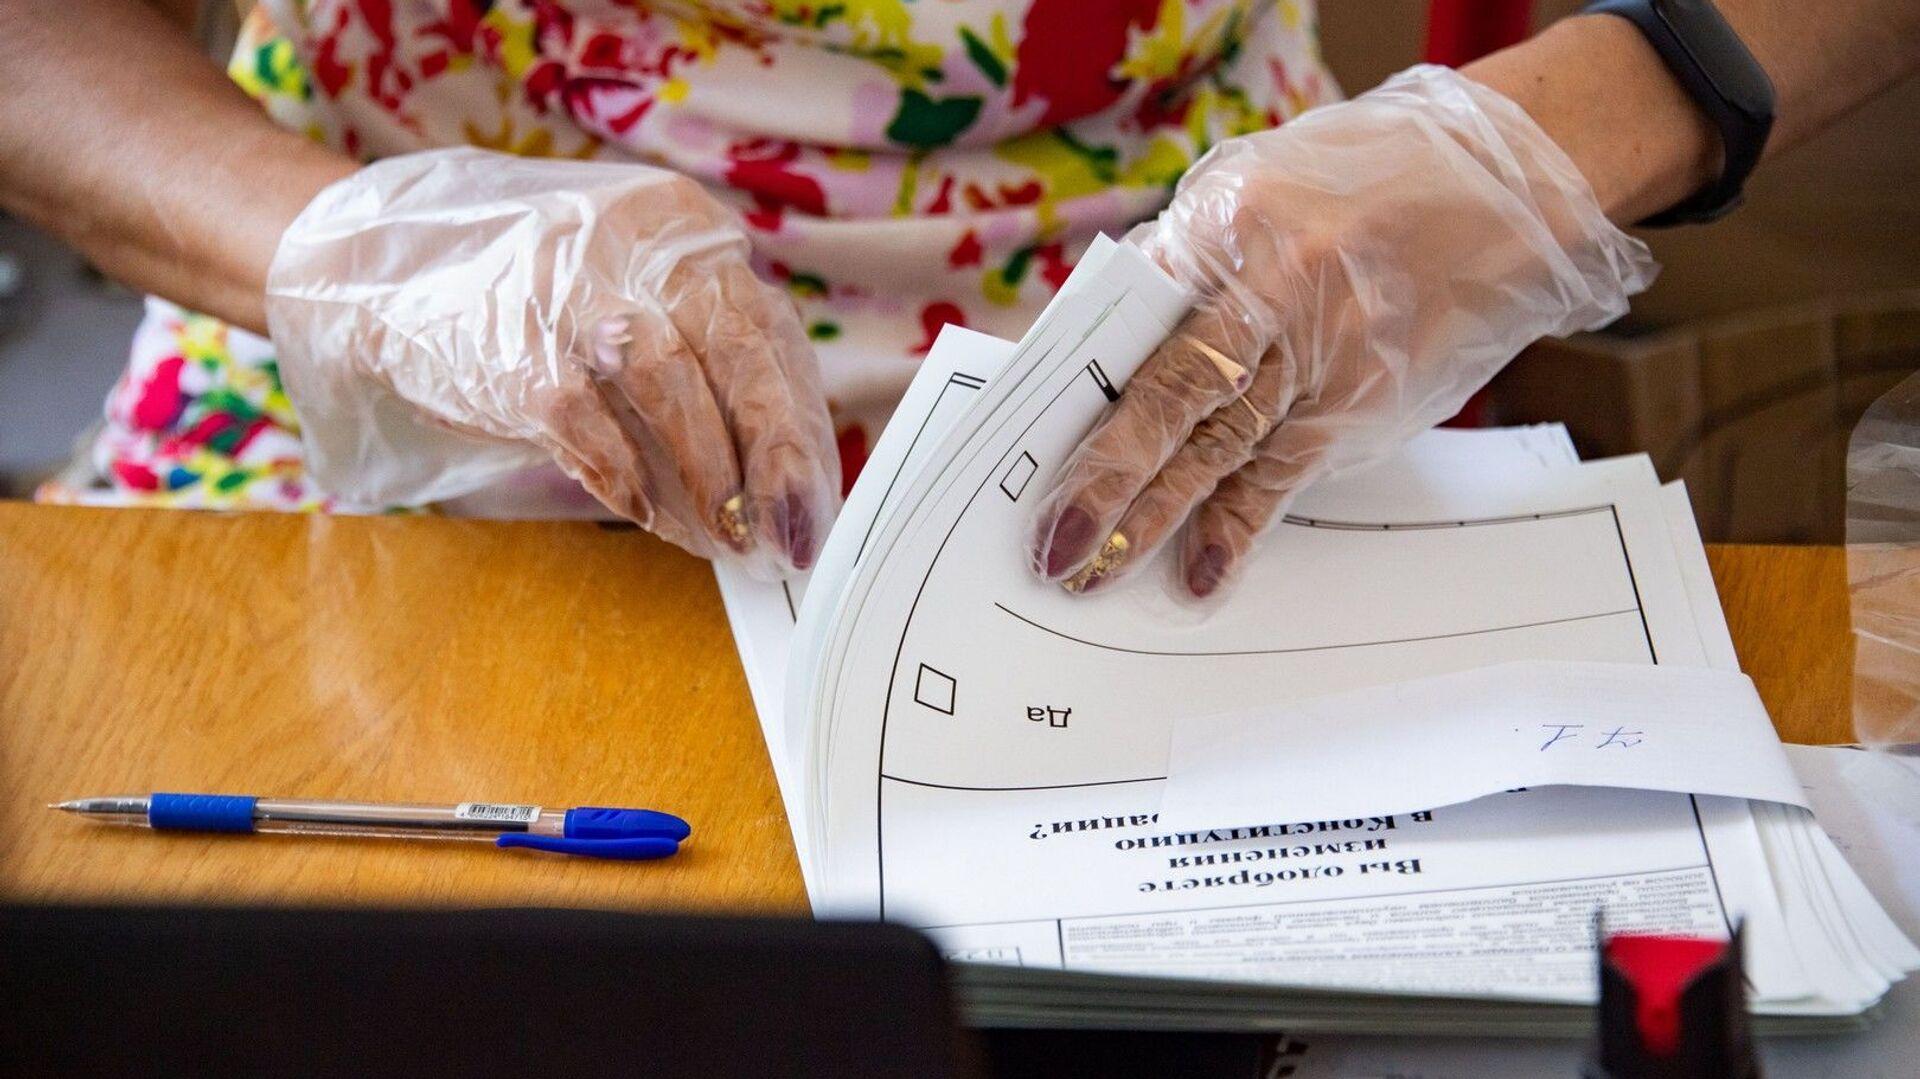 Голосование на избирательном участке - РИА Новости, 1920, 15.09.2021